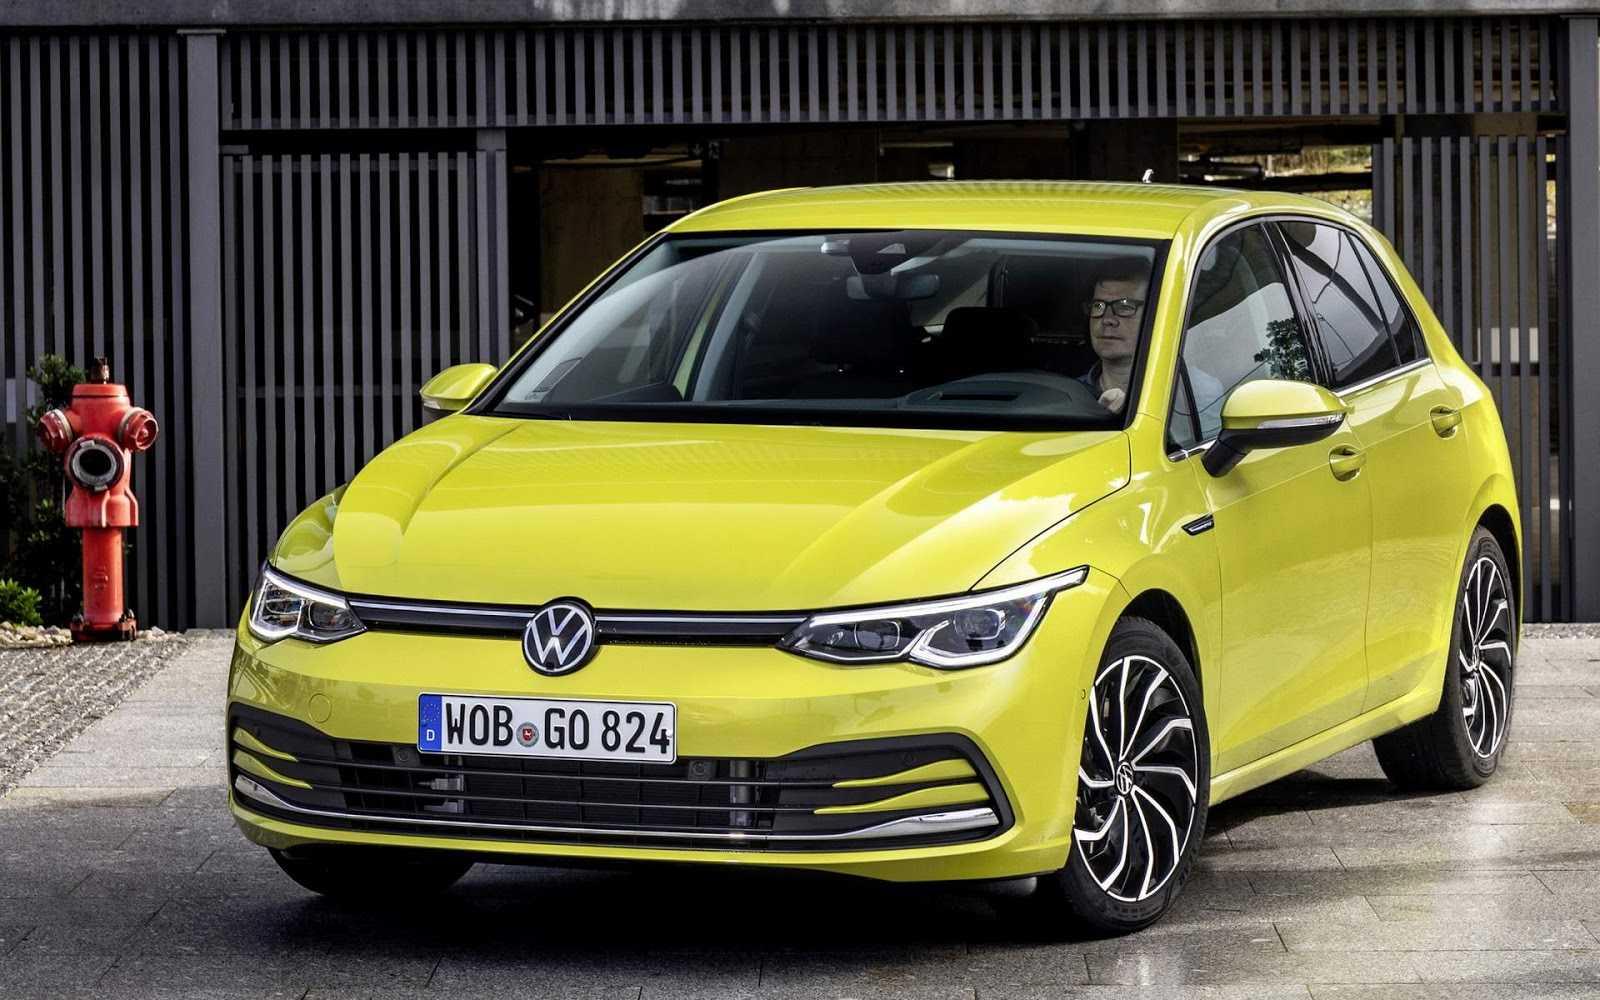 Фольксваген гольф 8, 2019-2020 года, характеристики, двигатели, фото, цена.